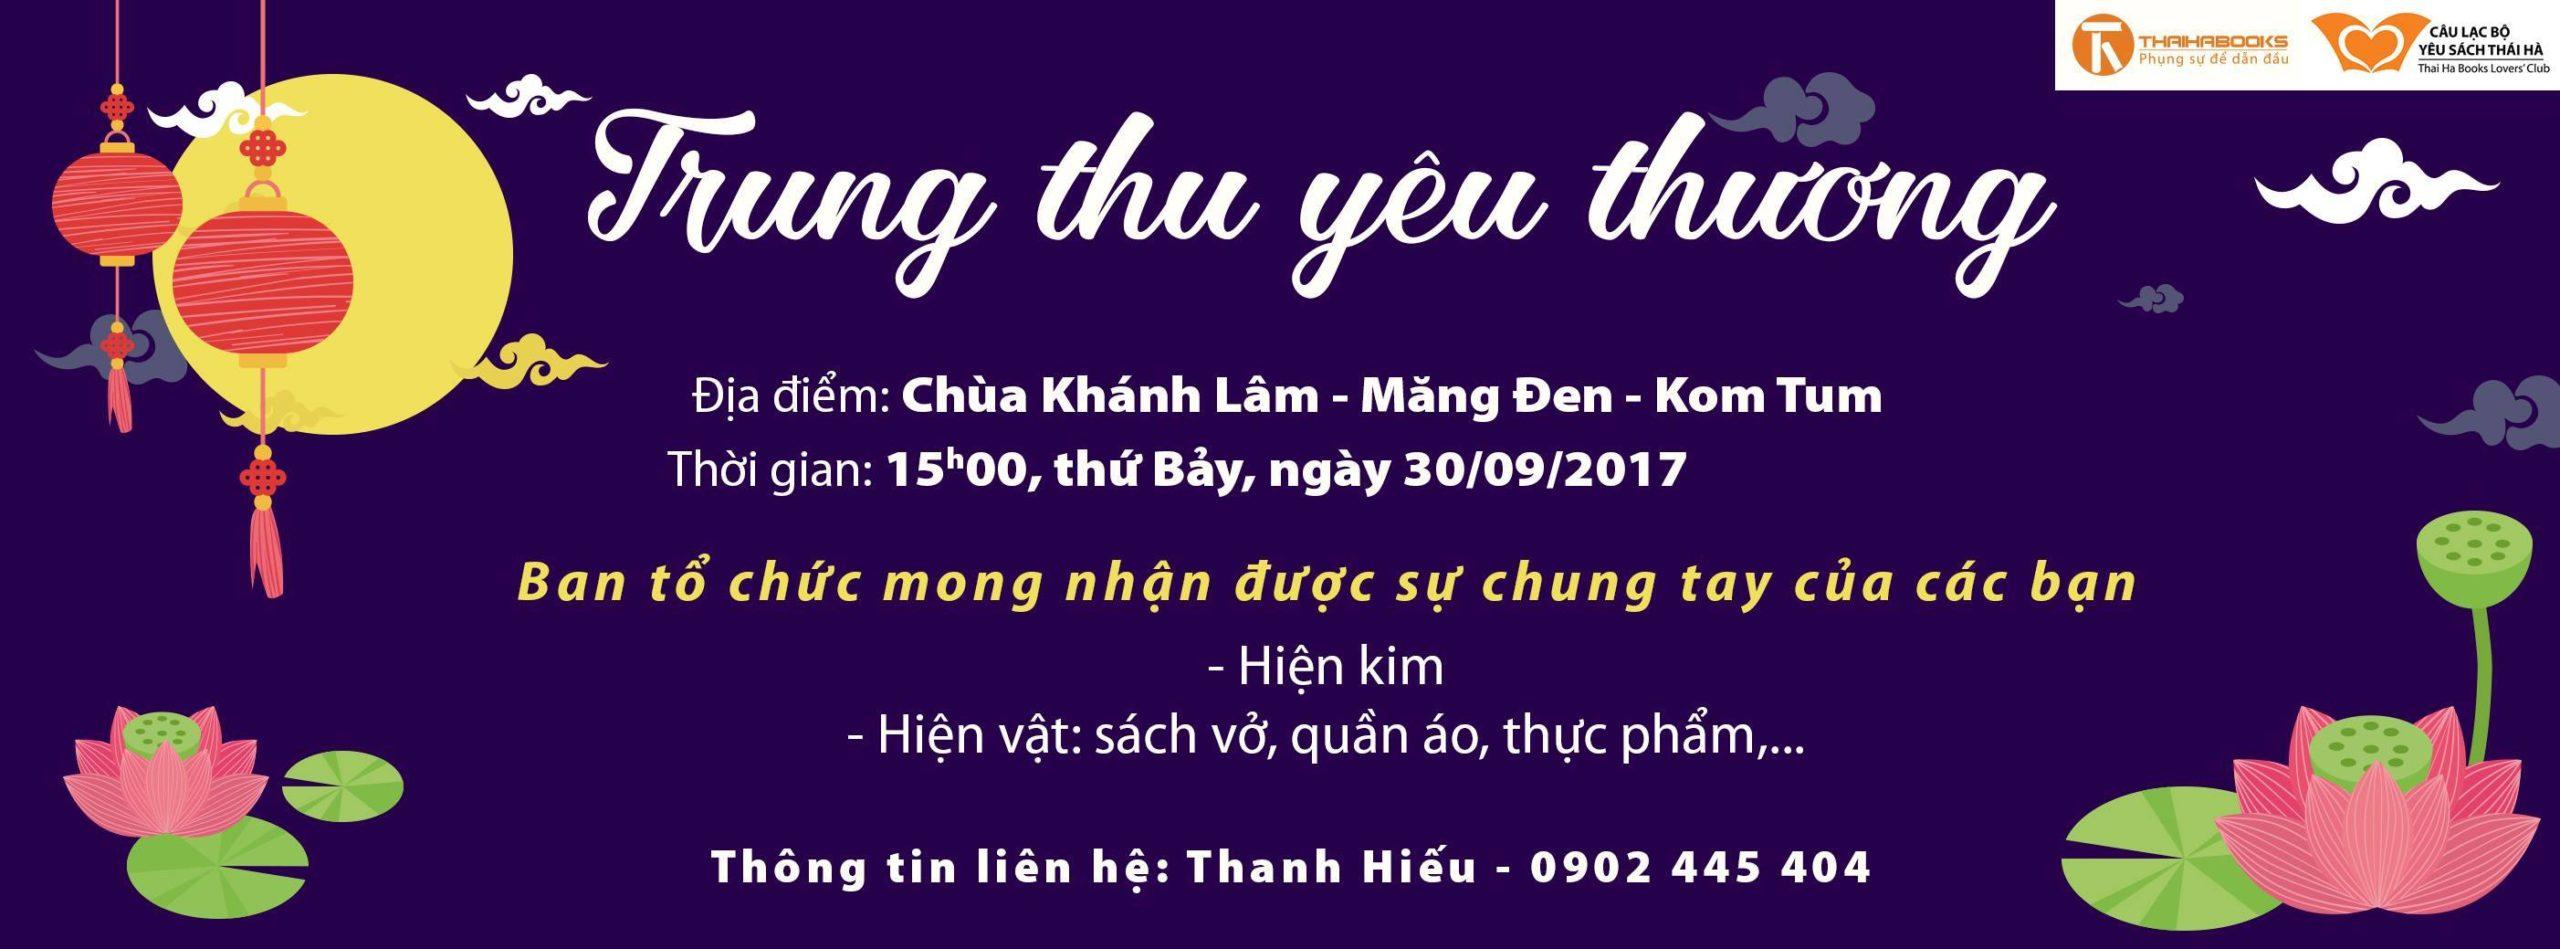 """Ngày 30/9 ThaiHaBooks HCM tổ chức """"Trung thu yêu thương"""" tại chùa Khánh Lâm, Măng Đen-Kon Tum"""